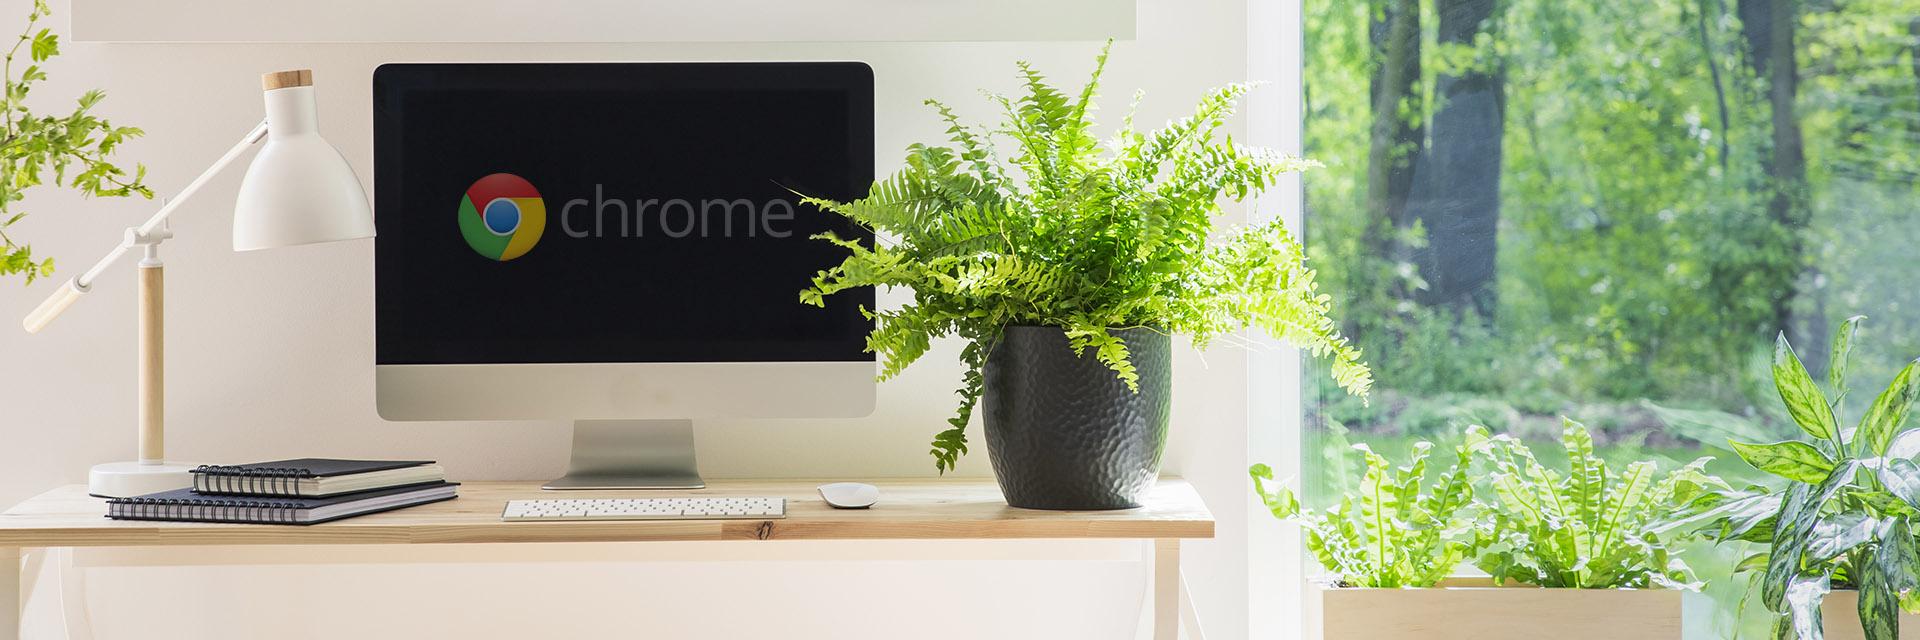 La prochaine version de Chrome pourrait||cacher des parties de l'URL